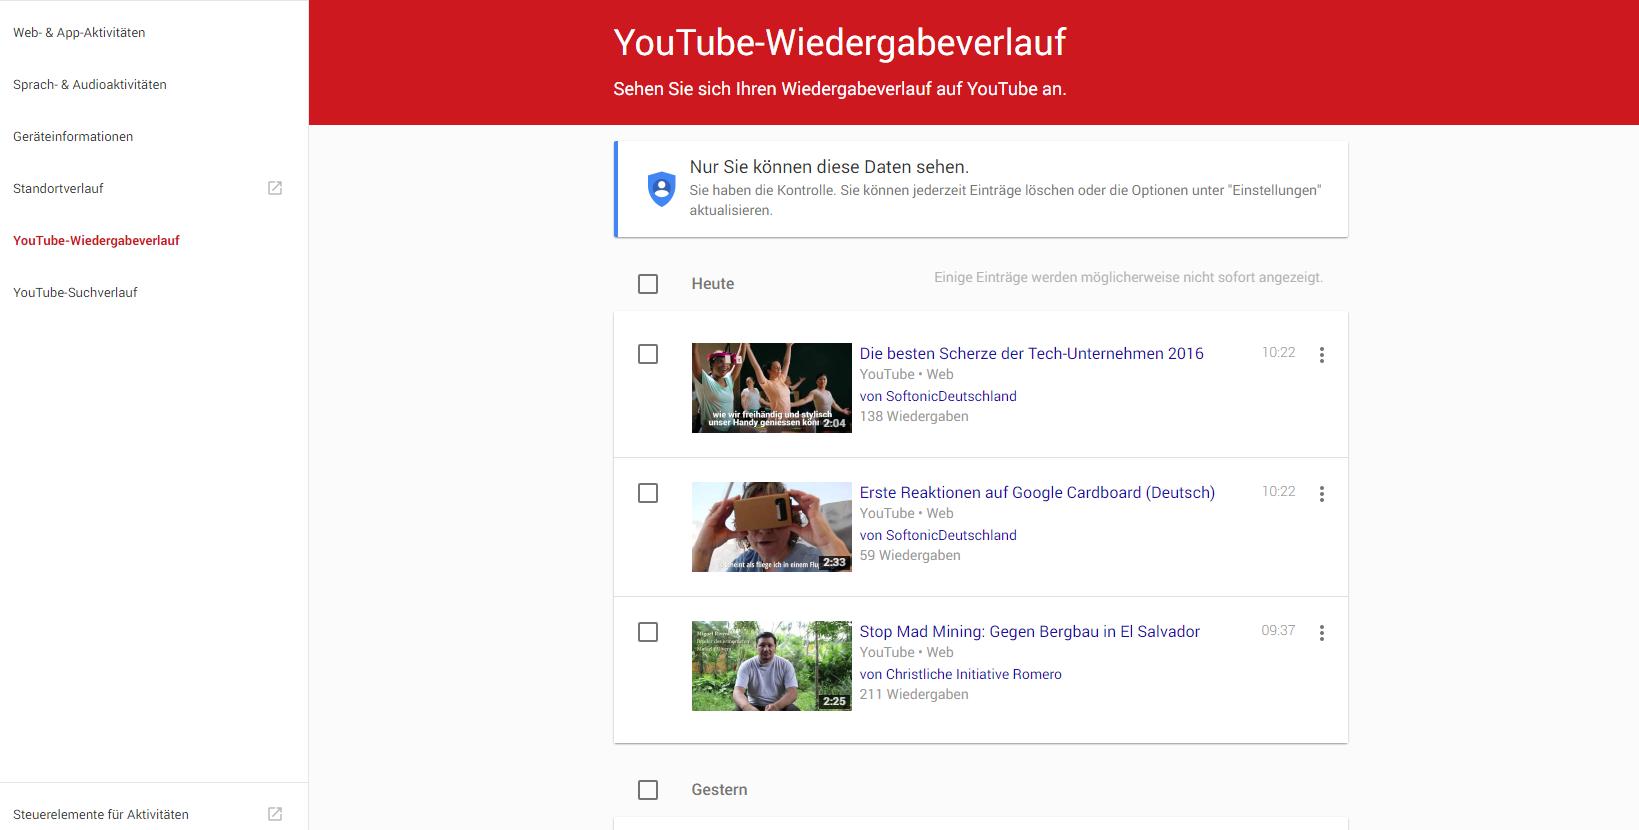 Youtube Wiedergabeverlauf